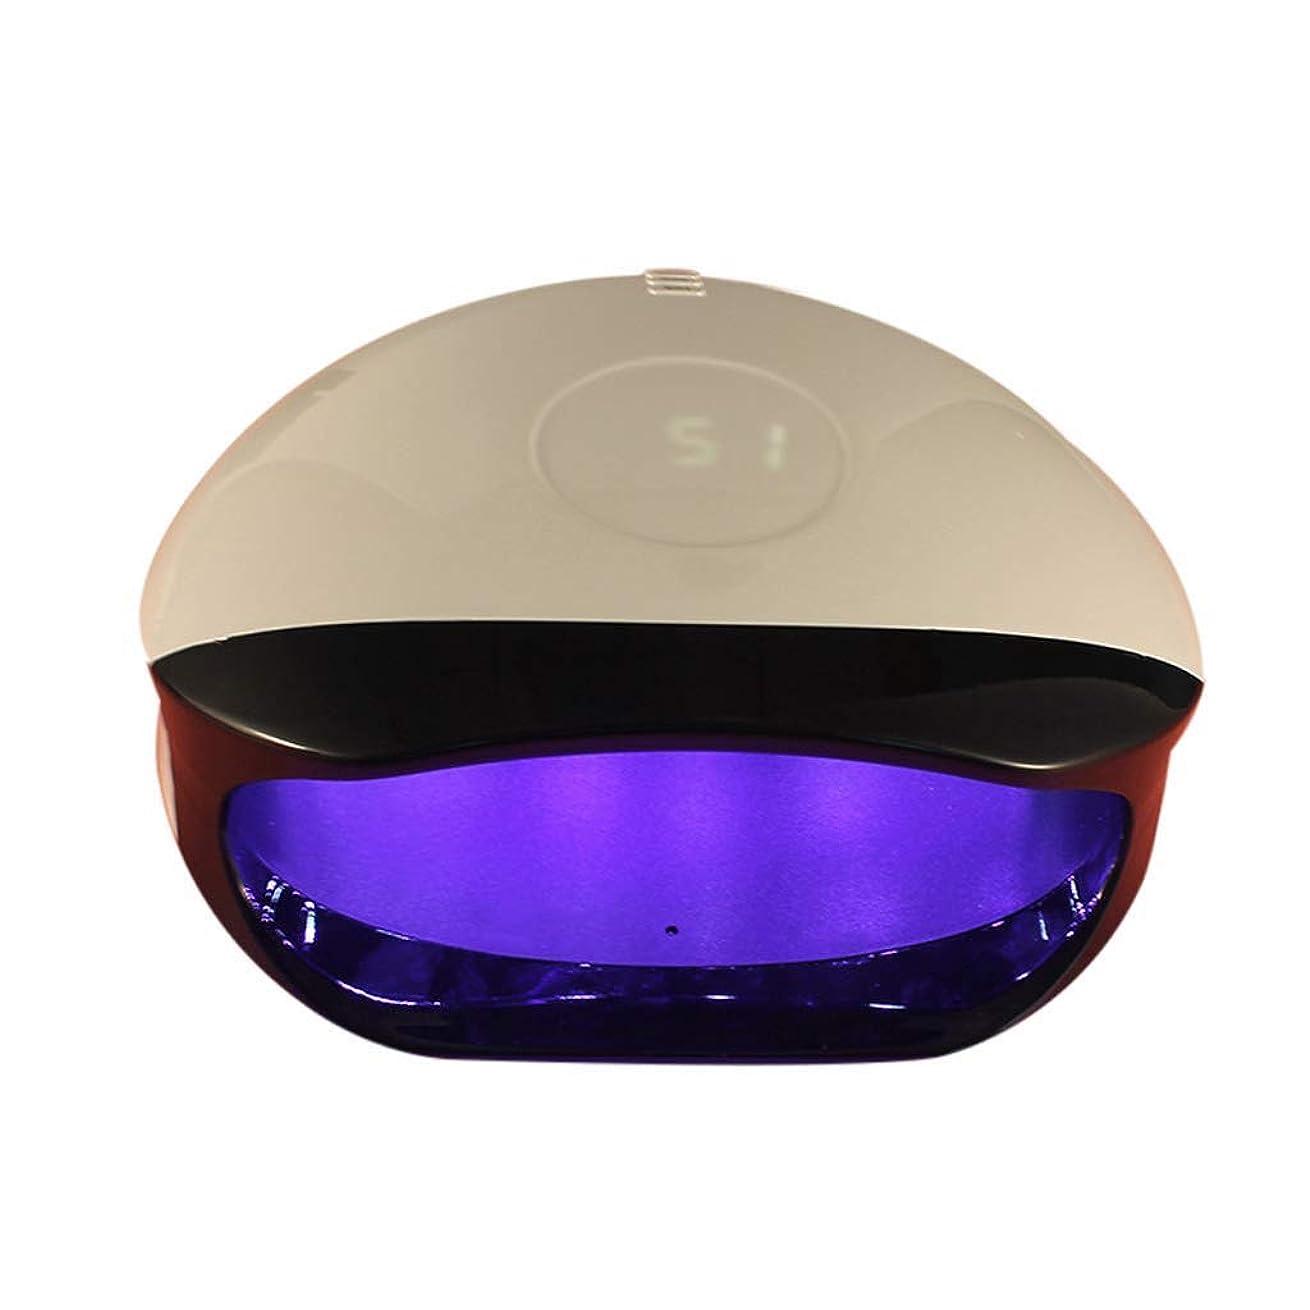 置き場ポテトパンサーYalztc-zyq16 ゲルネイルポリッシュ、硬化ランプ用スマートセンサー付き56W UV LEDネイルランプドライヤー.